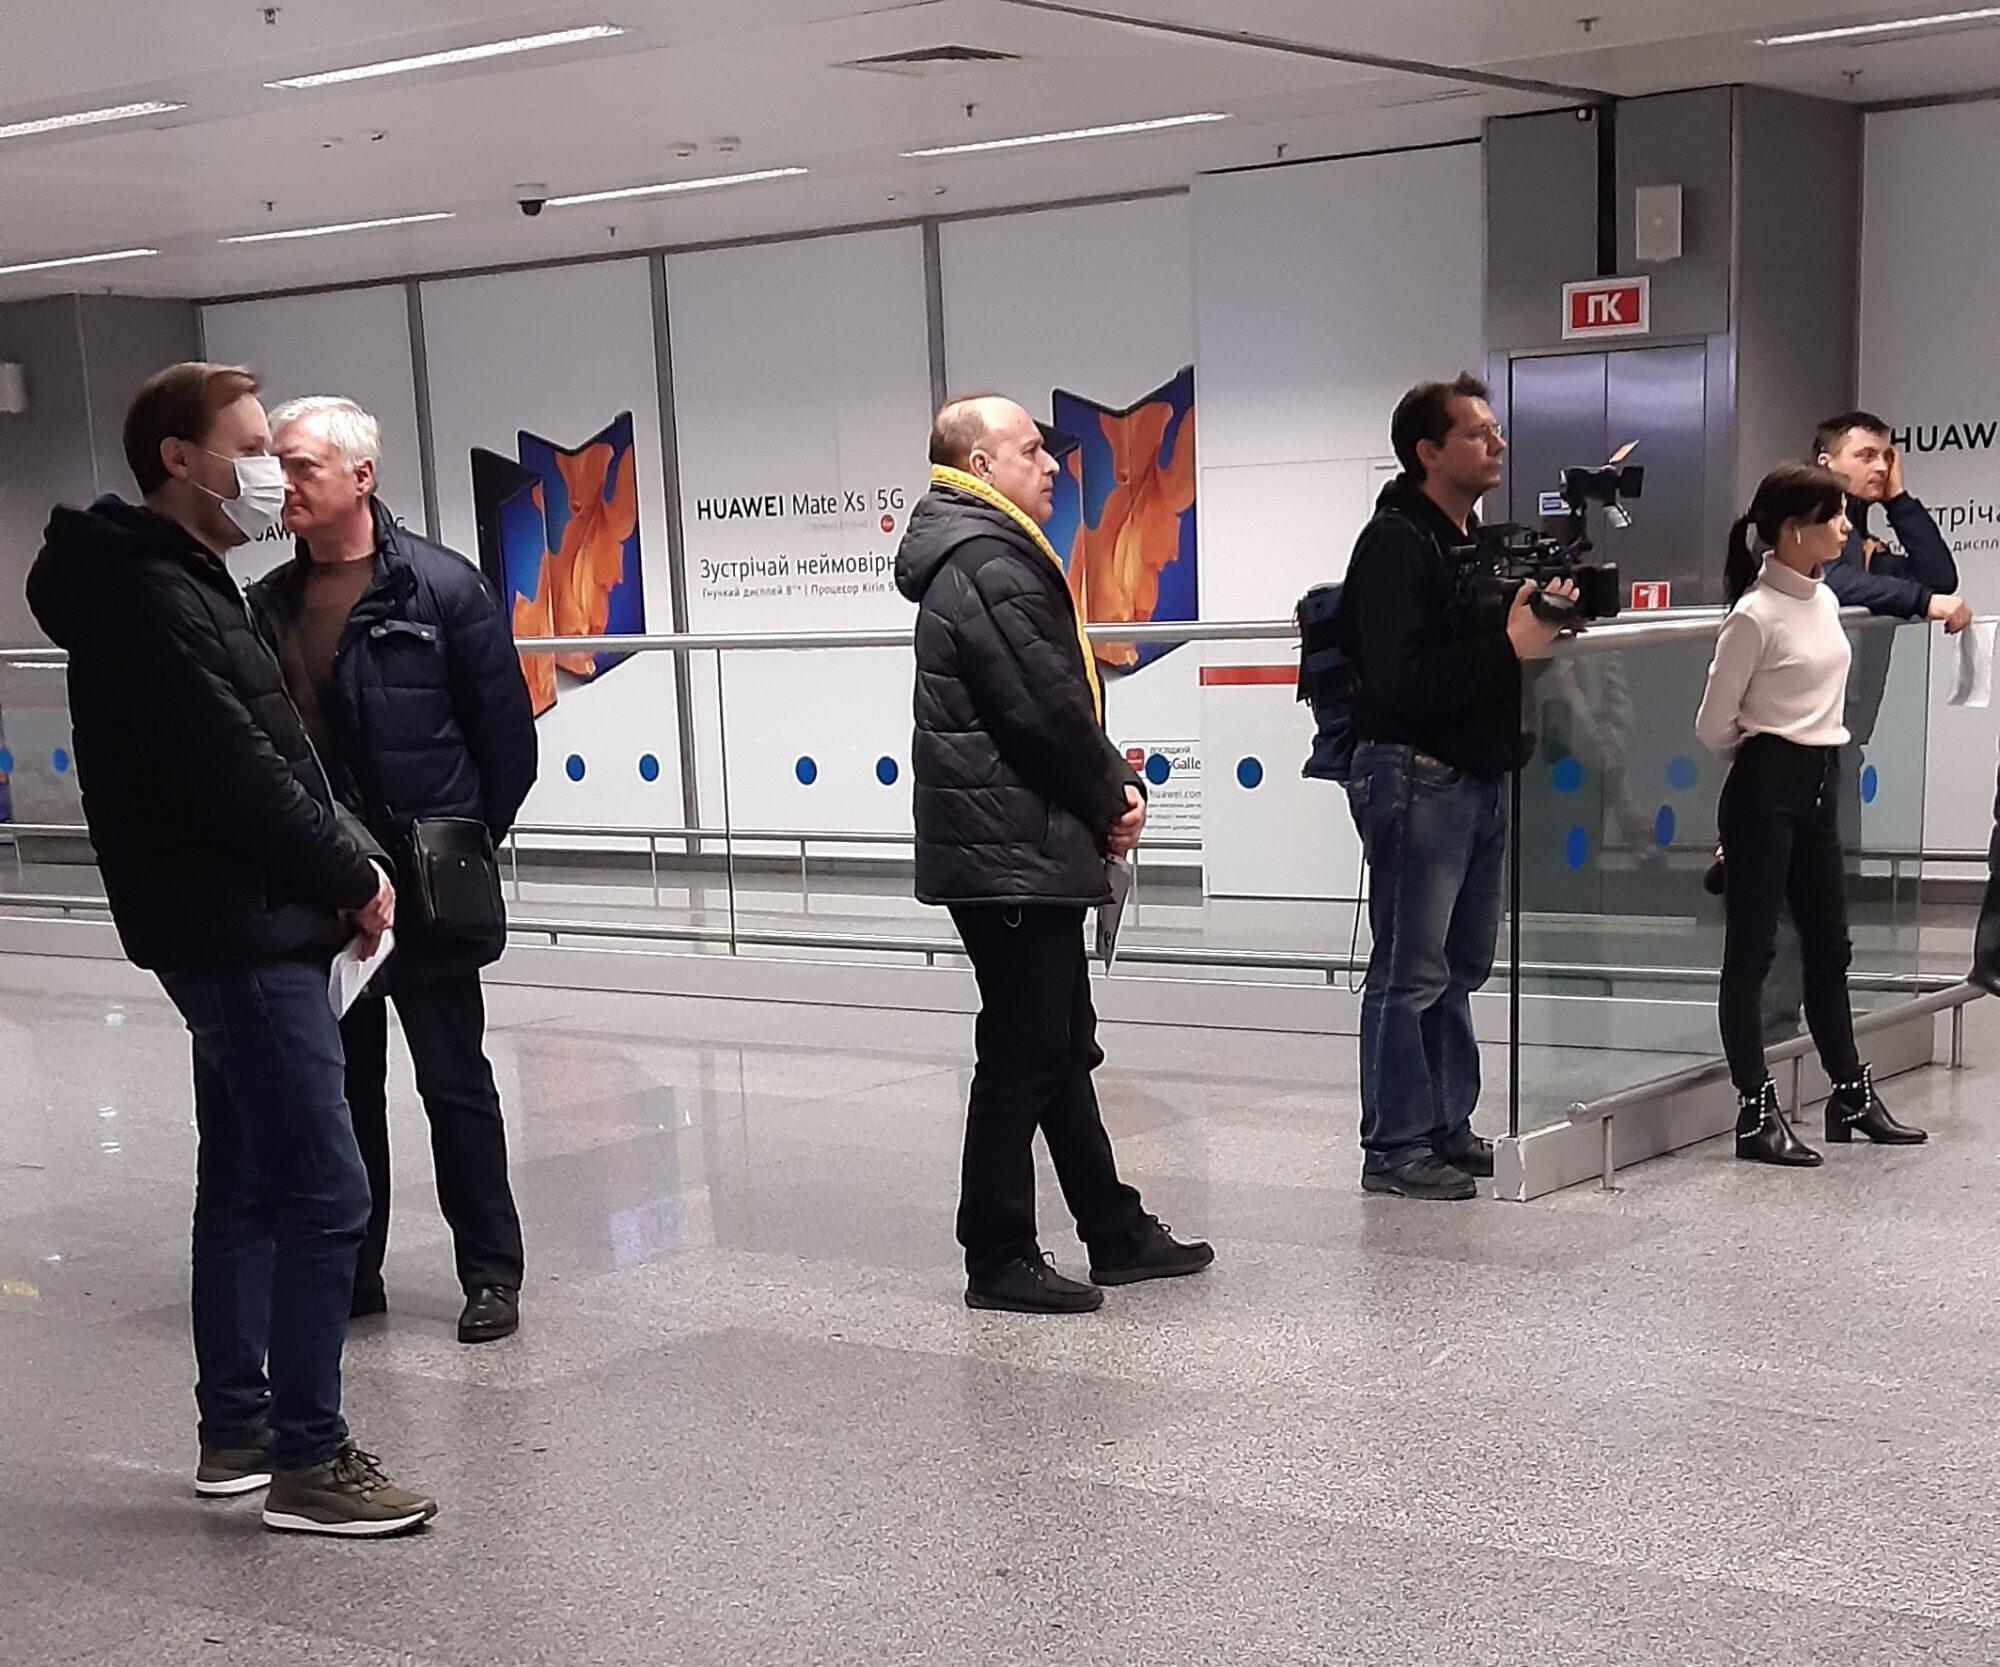 В Україні ввели збір за виліт пасажирів - Збір, Верховна Рада - 20200226 165951 2000x1667